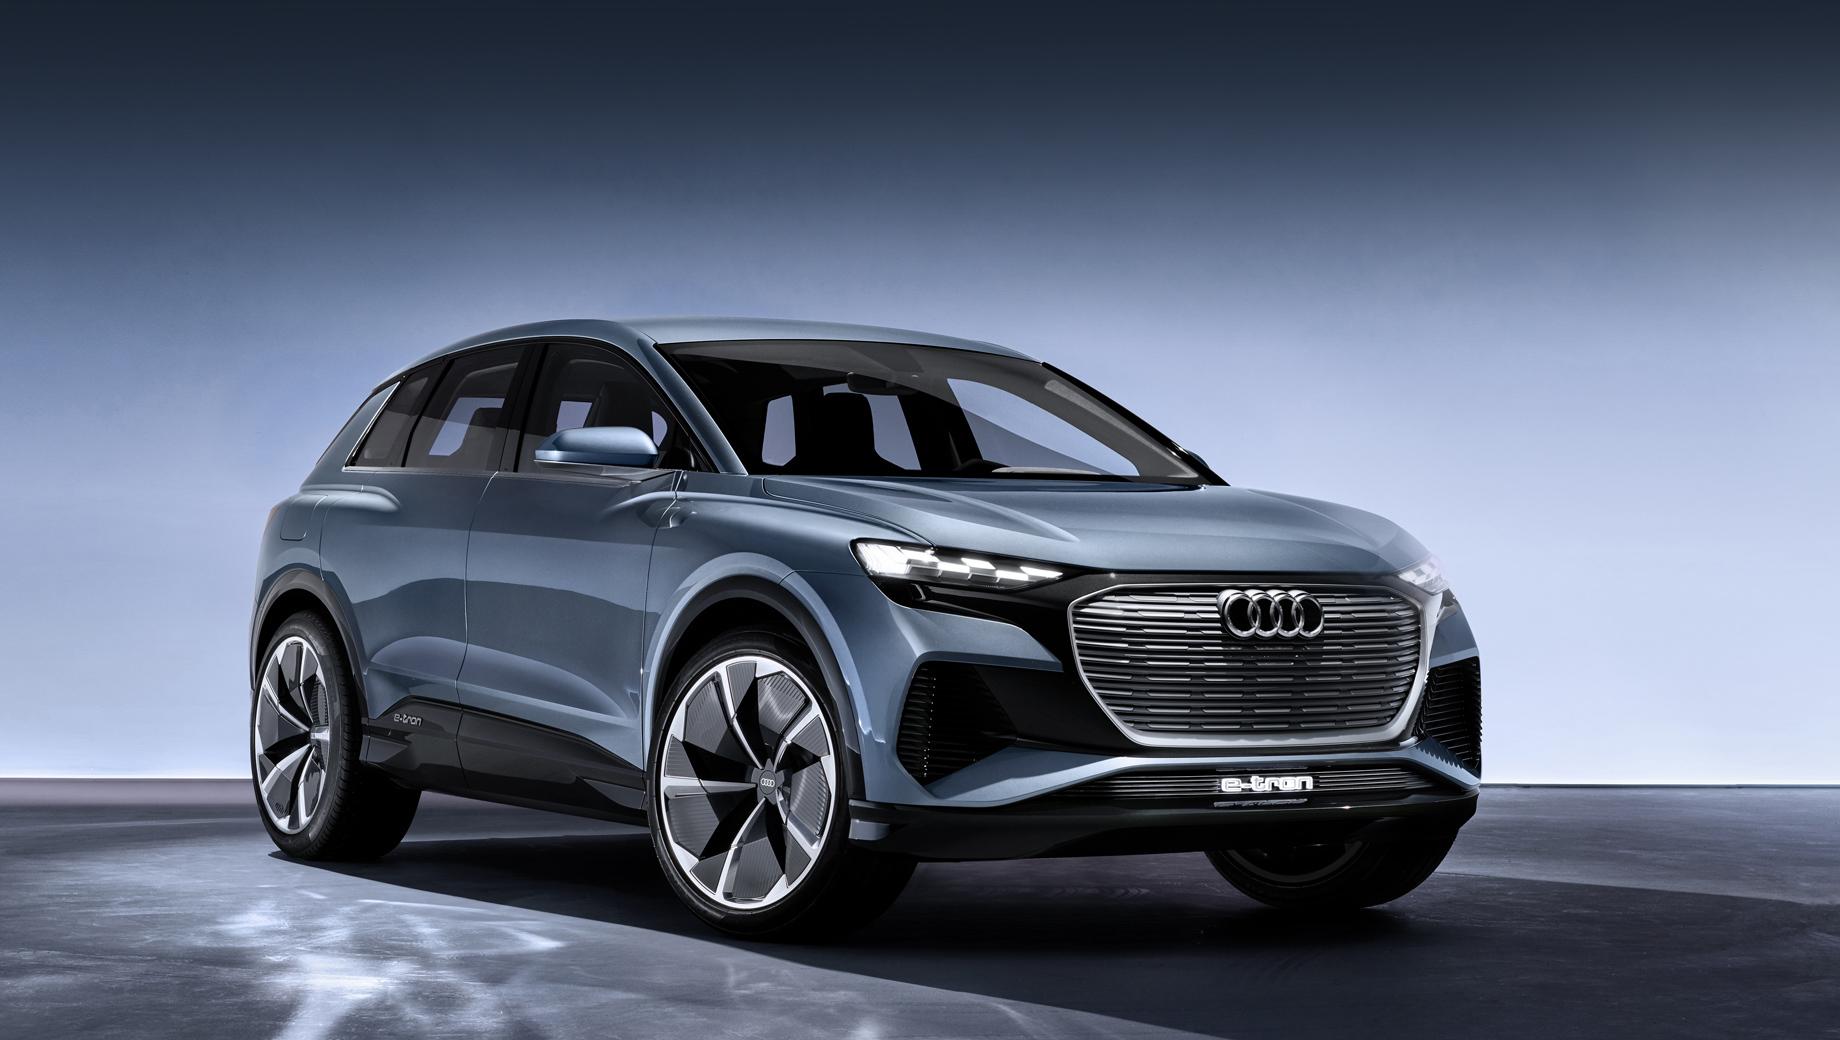 Audi q4 e-tron,Audi q4 sportback e-tron. Серийная версия концепта (на фото), показанного в марте 2019 года, должна попасть на конвейер до конца 2020-го.